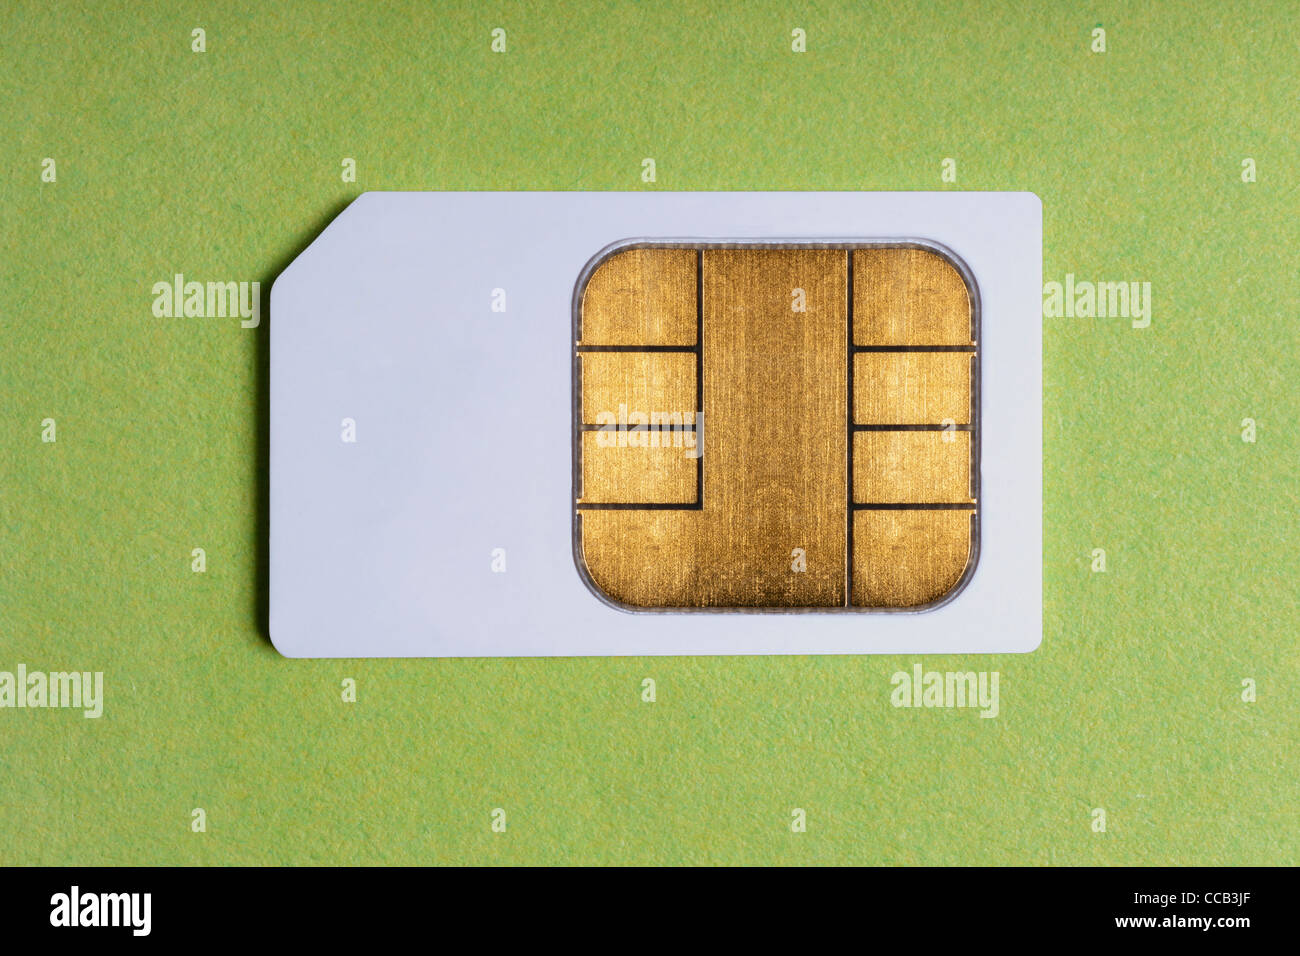 Detailansicht einer SIM-Karte | Detail photo of a SIM Card - Stock Image